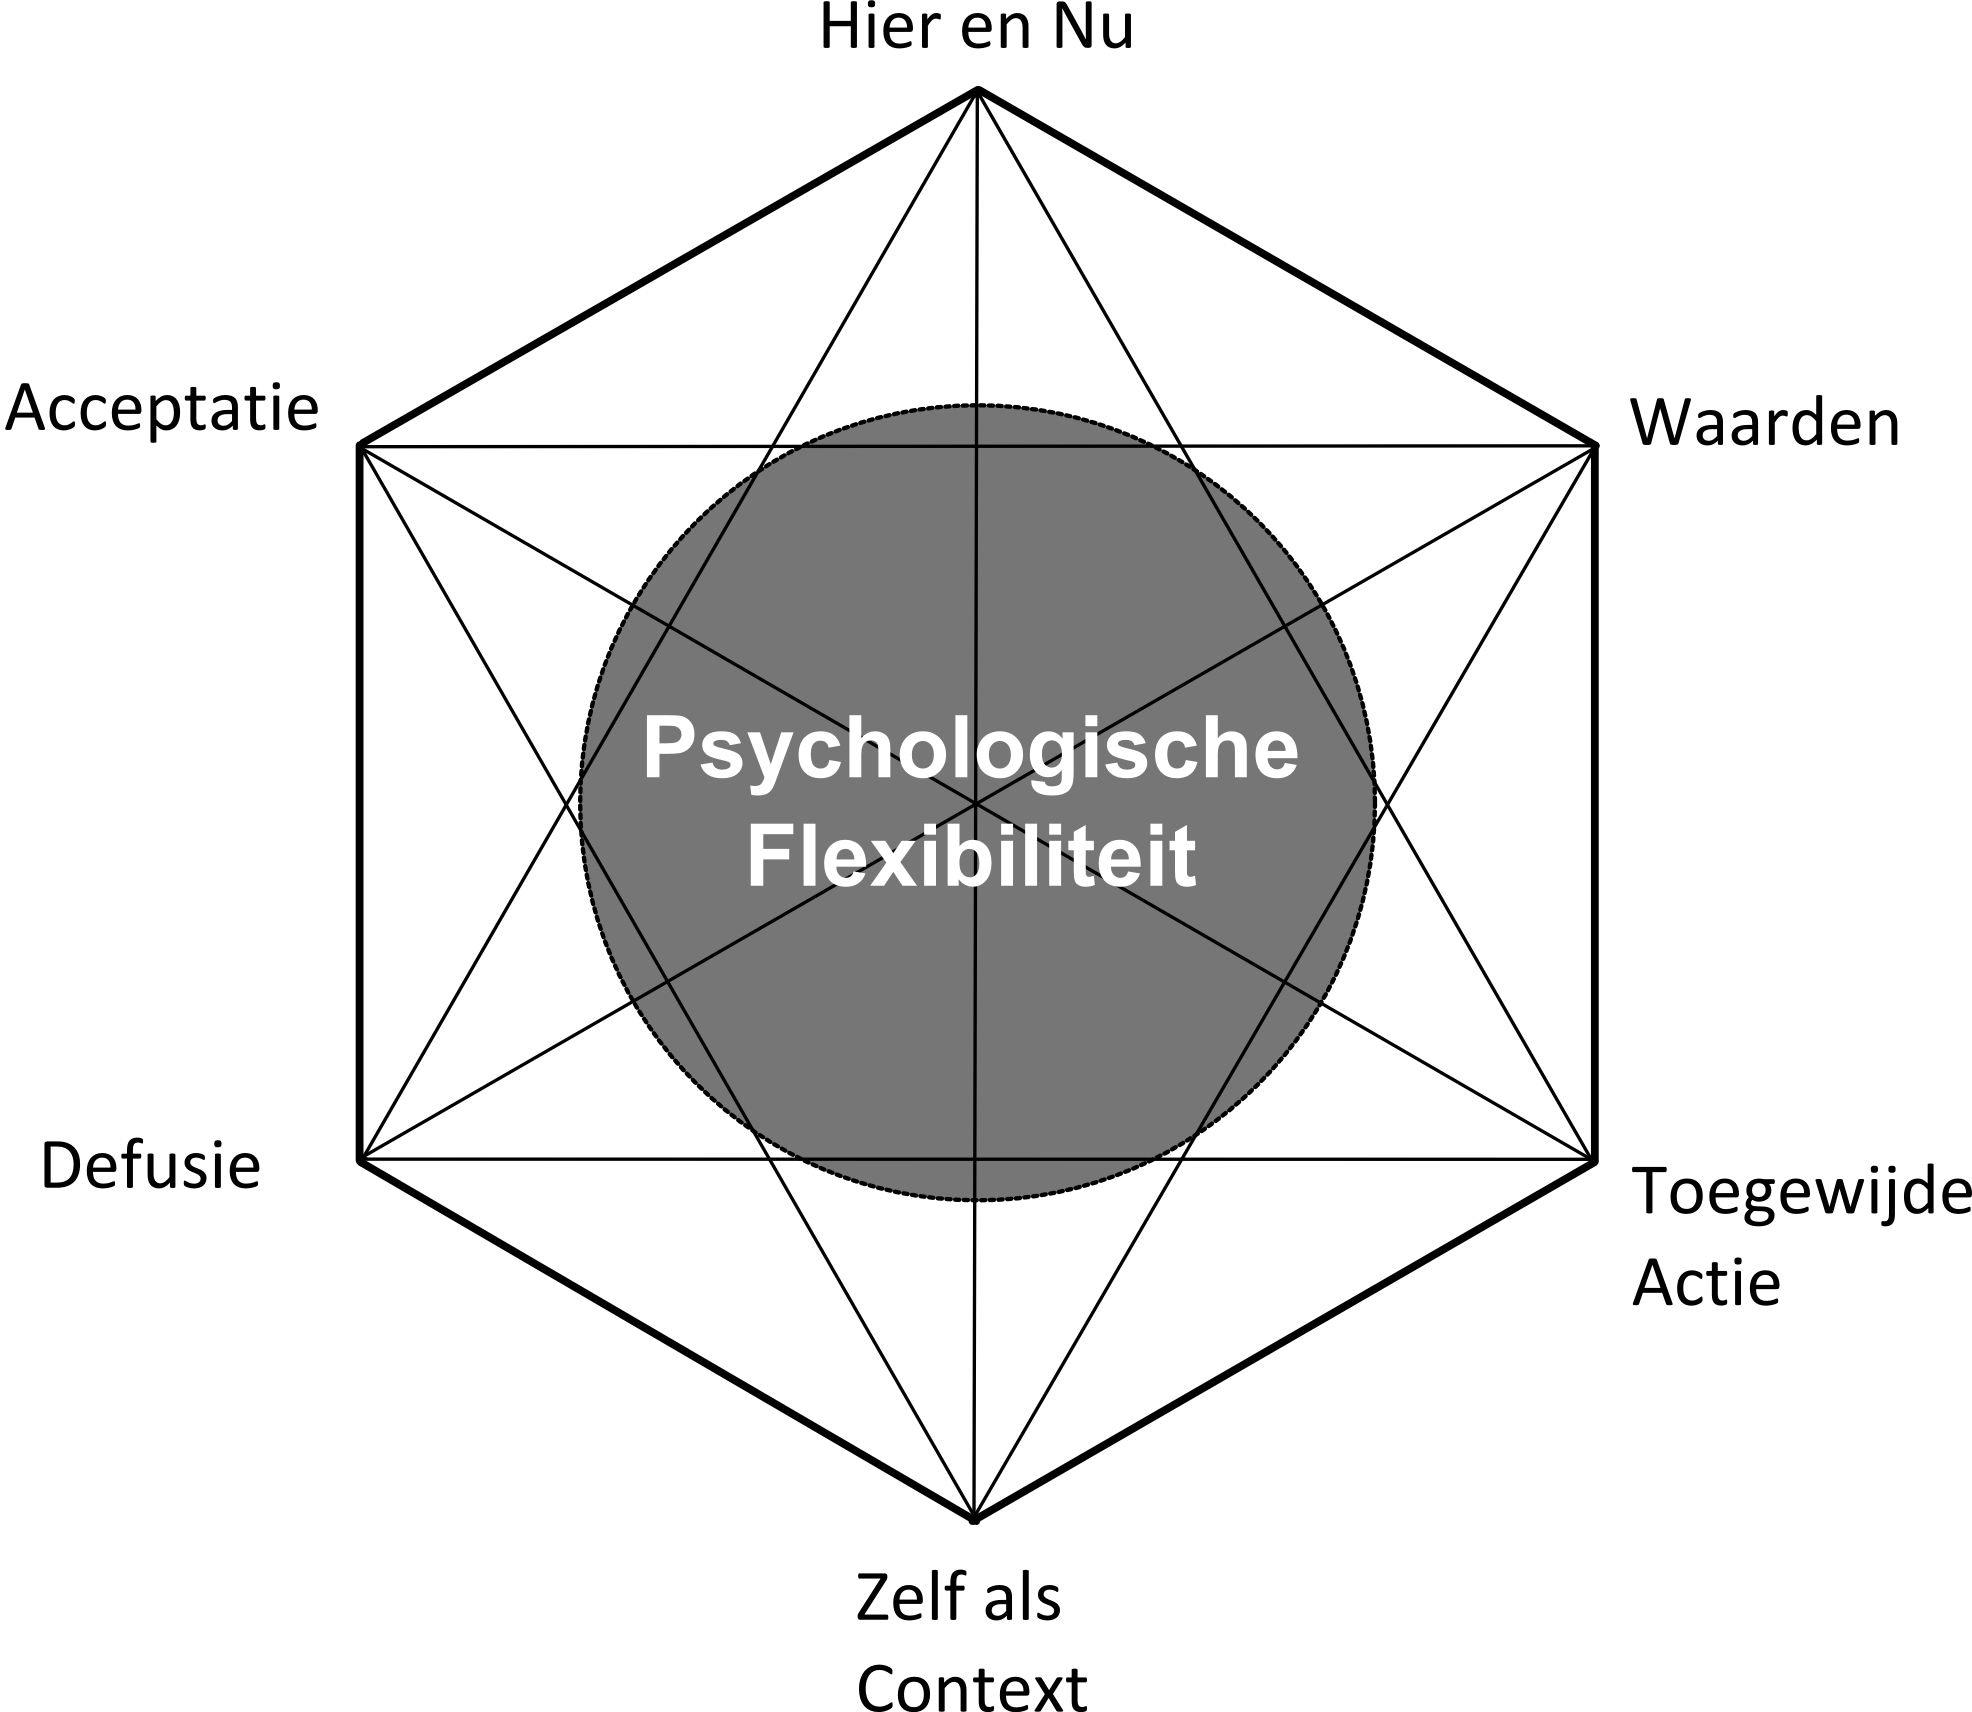 ACT-hexaflex.jpg